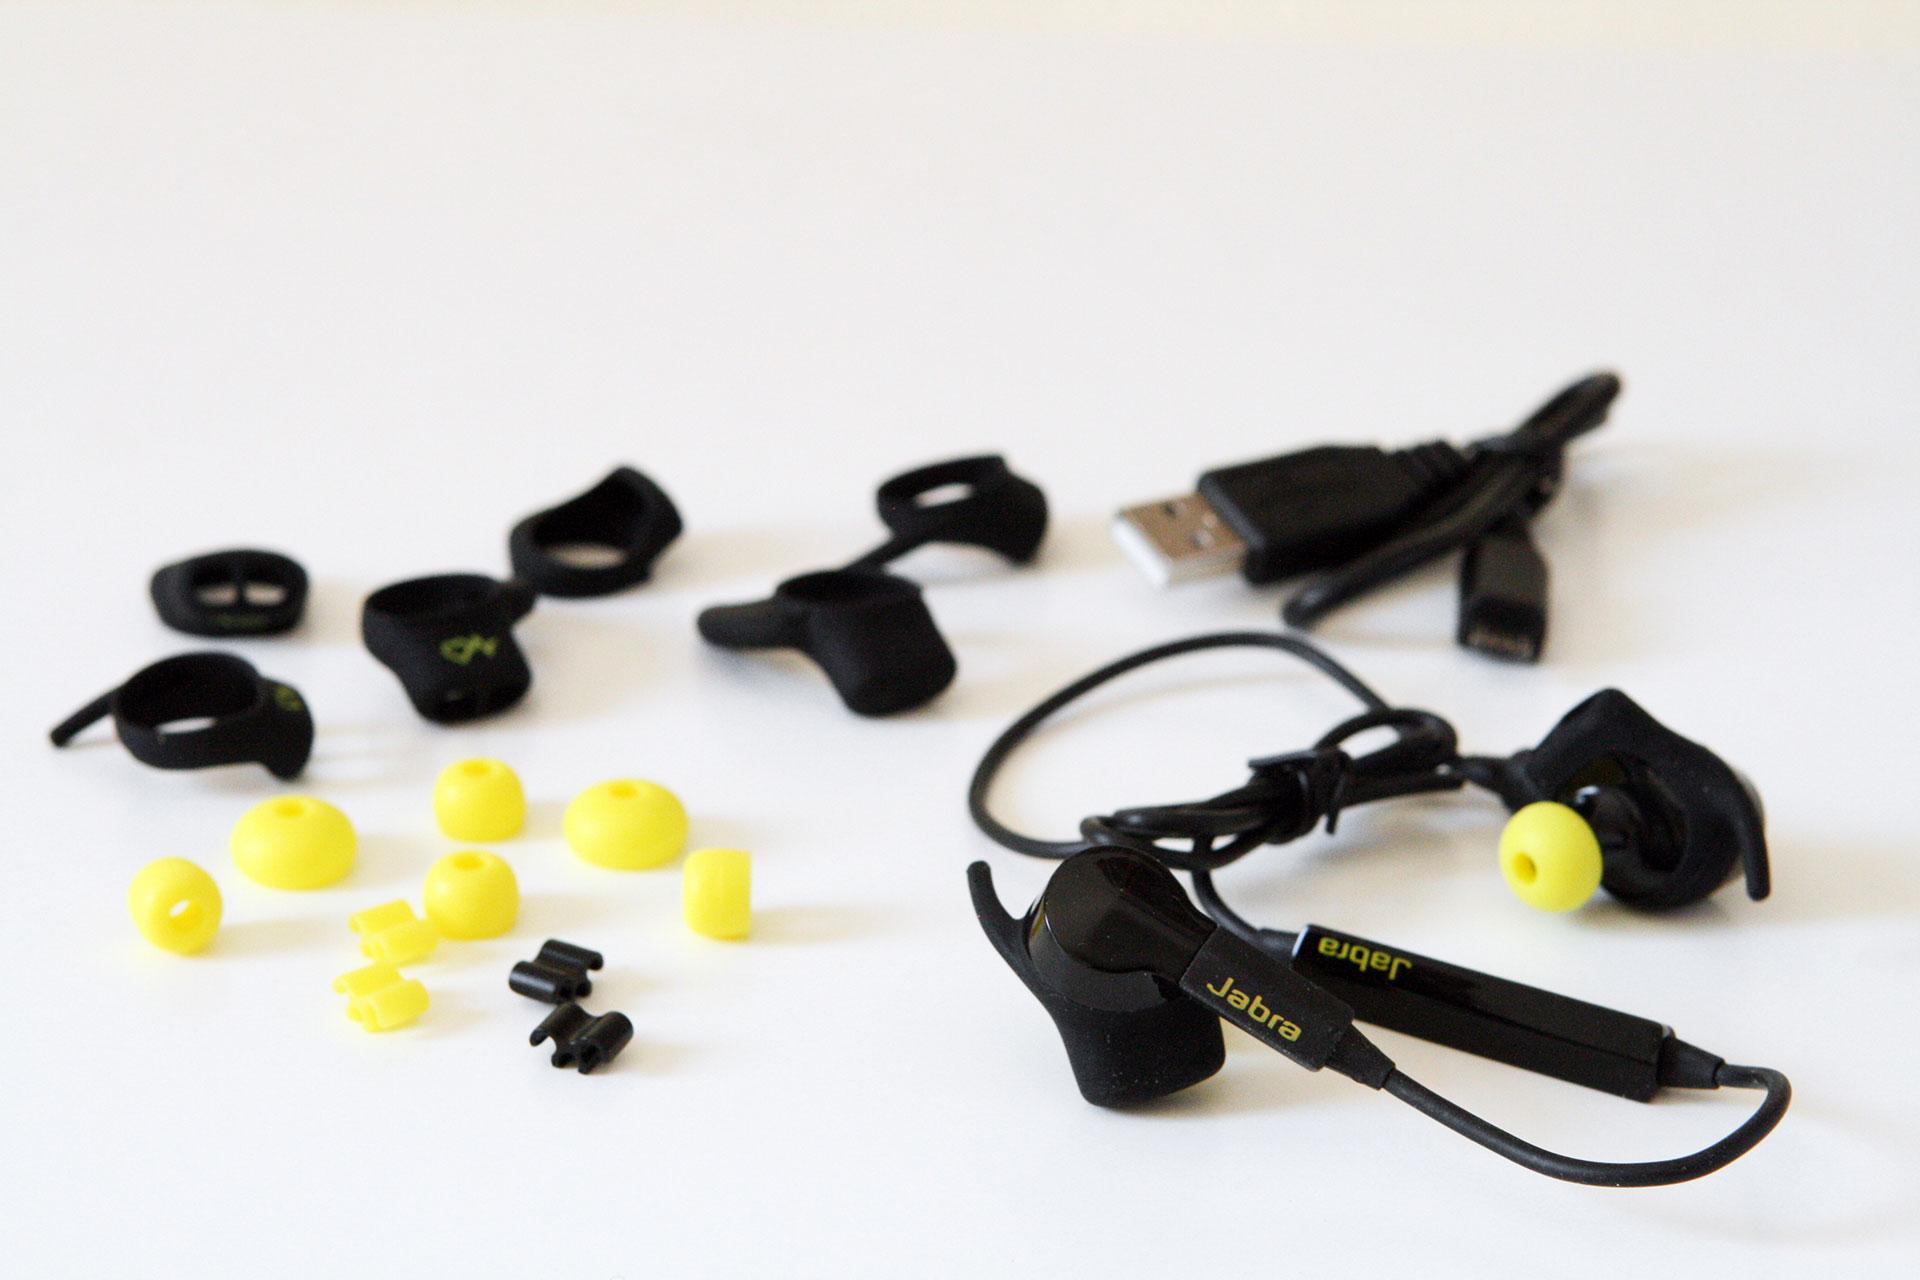 Jabra Pulse Sport Wireless mit USB-Kabel, verschieden großen Aufsätzen und Gummistöpsel zur individuellen Anpassung an das Ohr